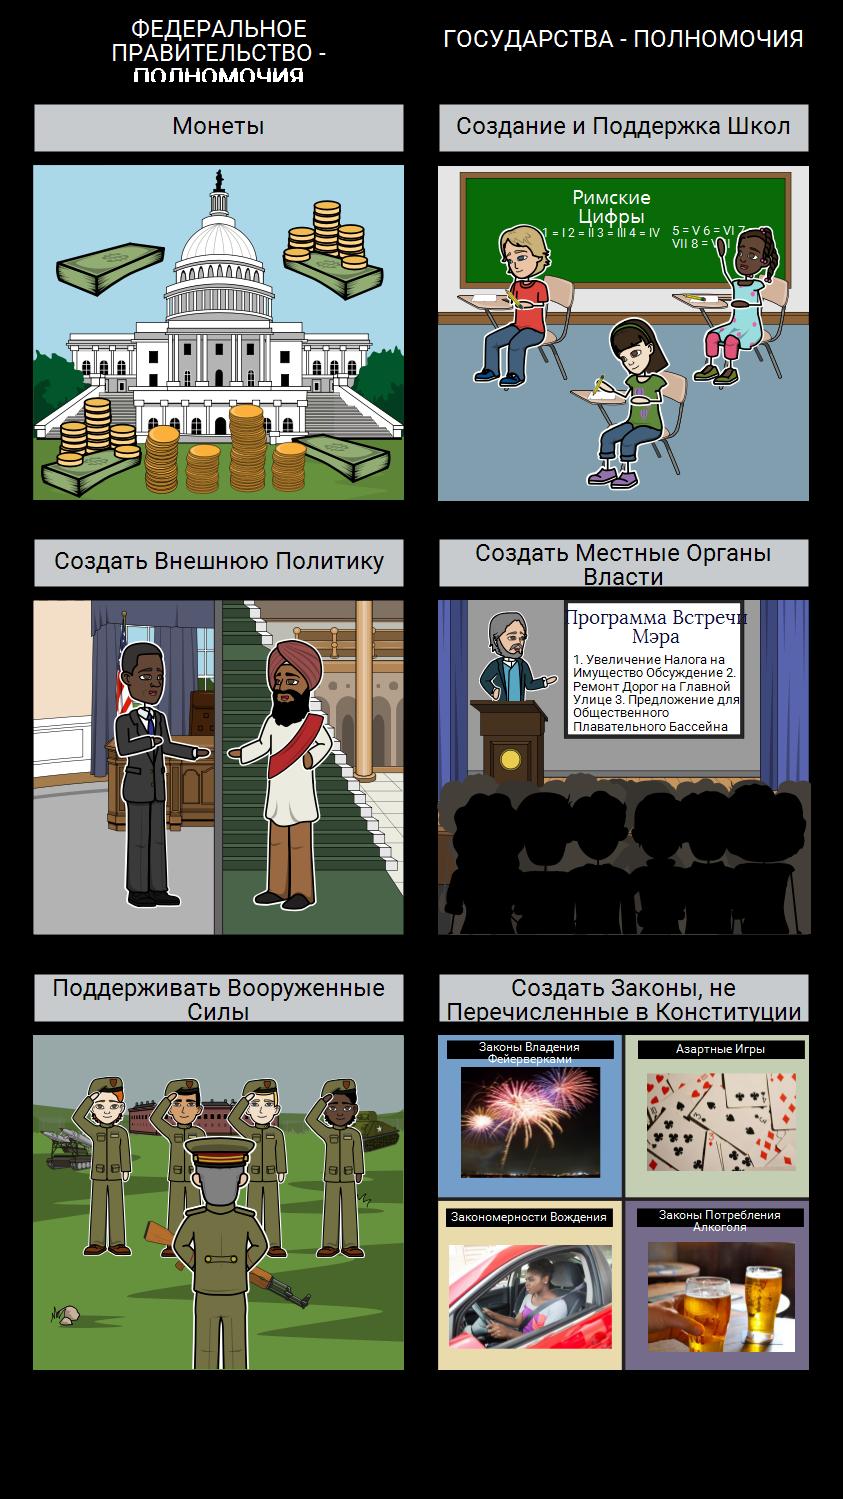 Введение в Правительство - Федерализм